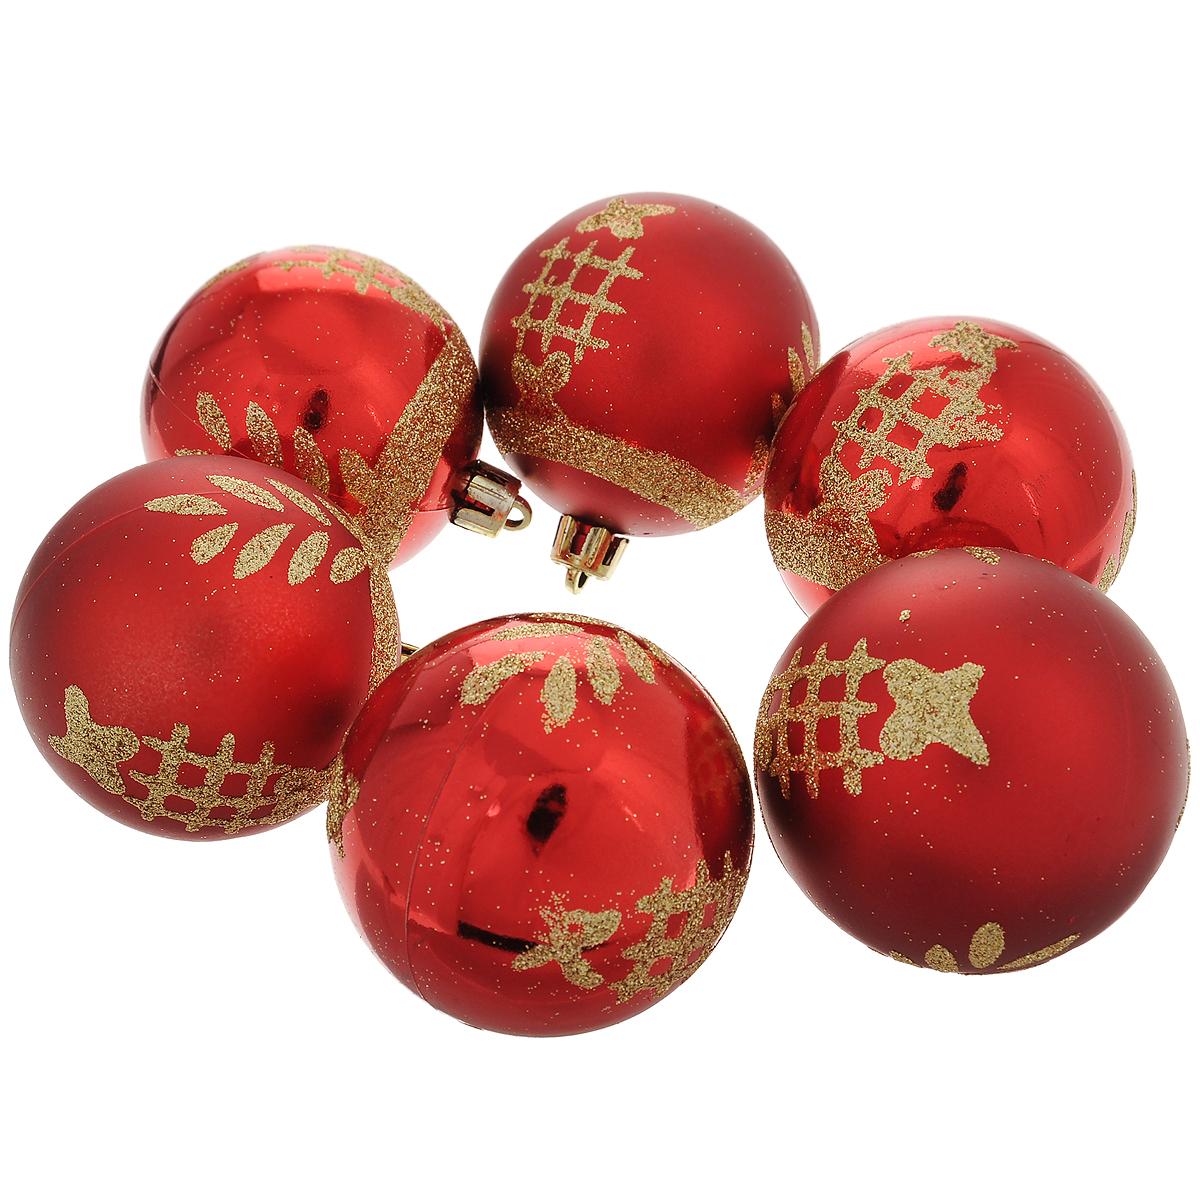 Набор новогодних подвесных украшений Шар, цвет: золотистый, красный, диаметр 6 см, 6 шт. 355131120297Набор новогодних подвесных украшений Шар прекрасно подойдет для праздничного декора новогодней ели. Состоит из шести шаров.Елочная игрушка - символ Нового года. Она несет в себе волшебство и красоту праздника. Создайте в своем доме атмосферу веселья и радости, украшая новогоднюю елку нарядными игрушками, которые будут из года в год накапливать теплоту воспоминаний. Коллекция декоративных украшений принесет в ваш дом ни с чем несравнимое ощущение волшебства! Откройте для себя удивительный мир сказок и грез. Почувствуйте волшебные минуты ожидания праздника, создайте новогоднее настроение вашим дорогим и близким.